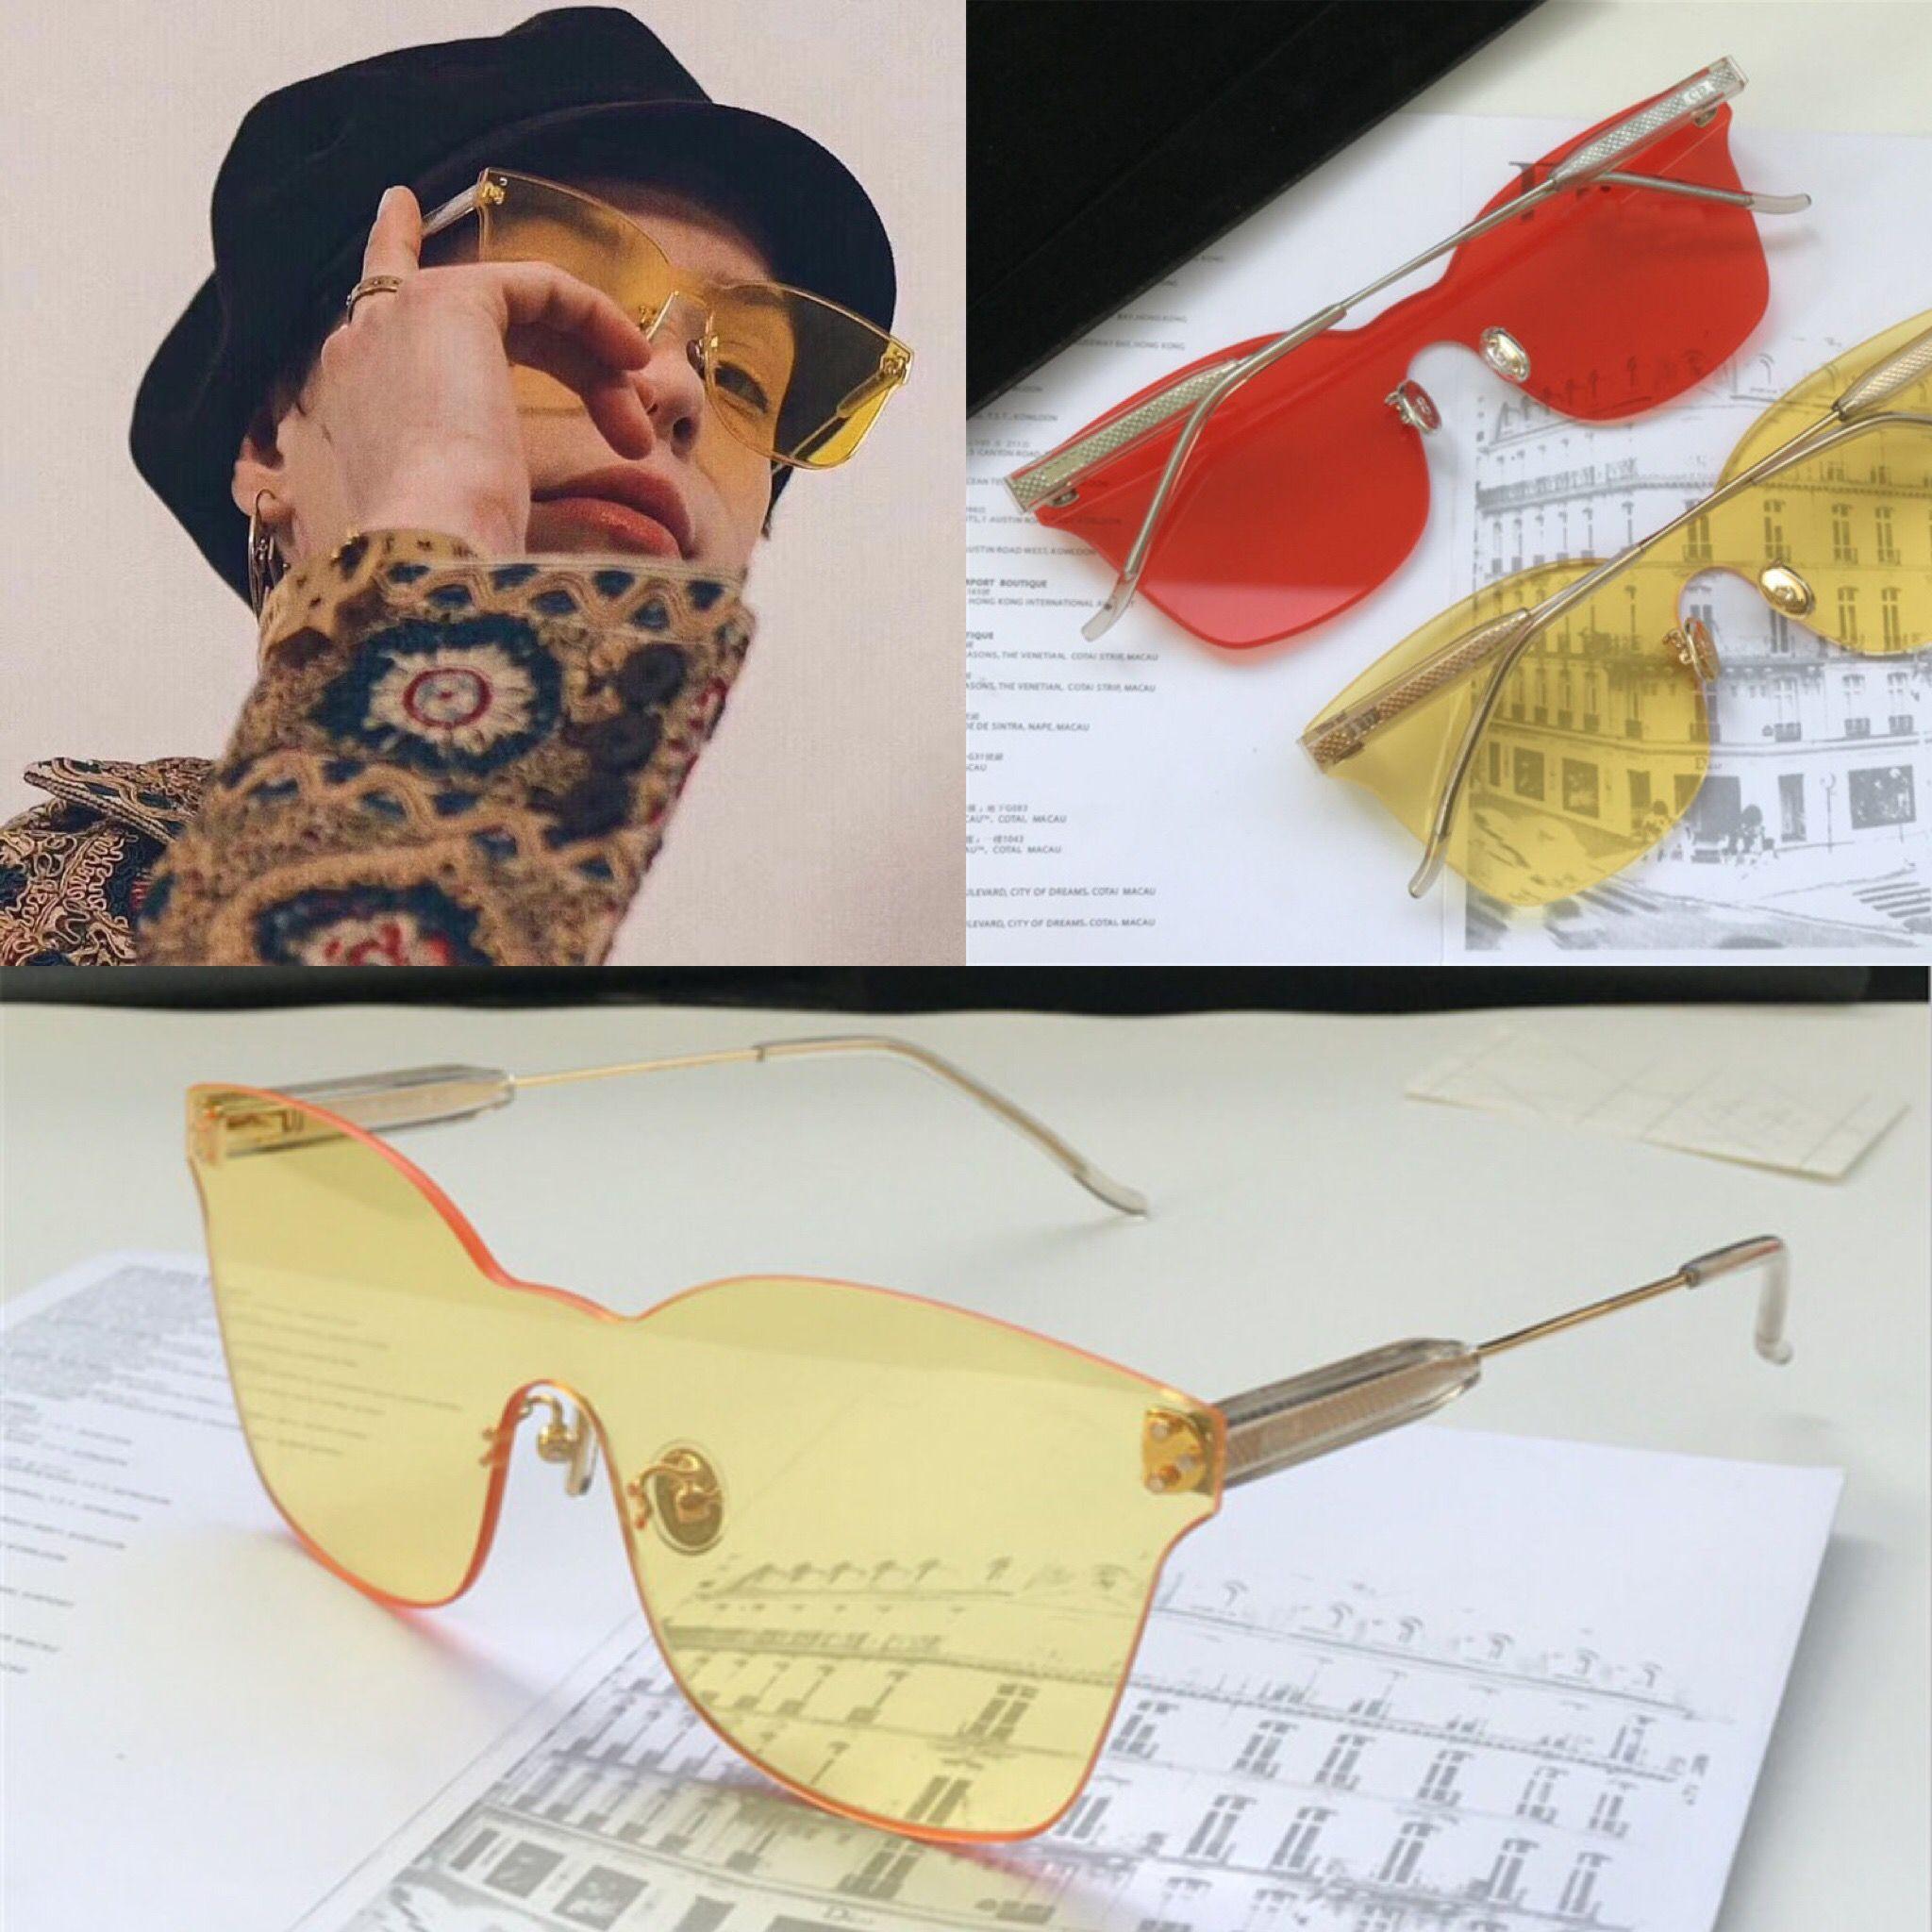 0855b8817c Compre Nuevo Diseñador De Moda Gafas De Sol ADCICT1 Ojo De Gato Sin Marco  Estilo Popular Lentes De Color Caramelo De Verano Uv400 Protección Gafas ...